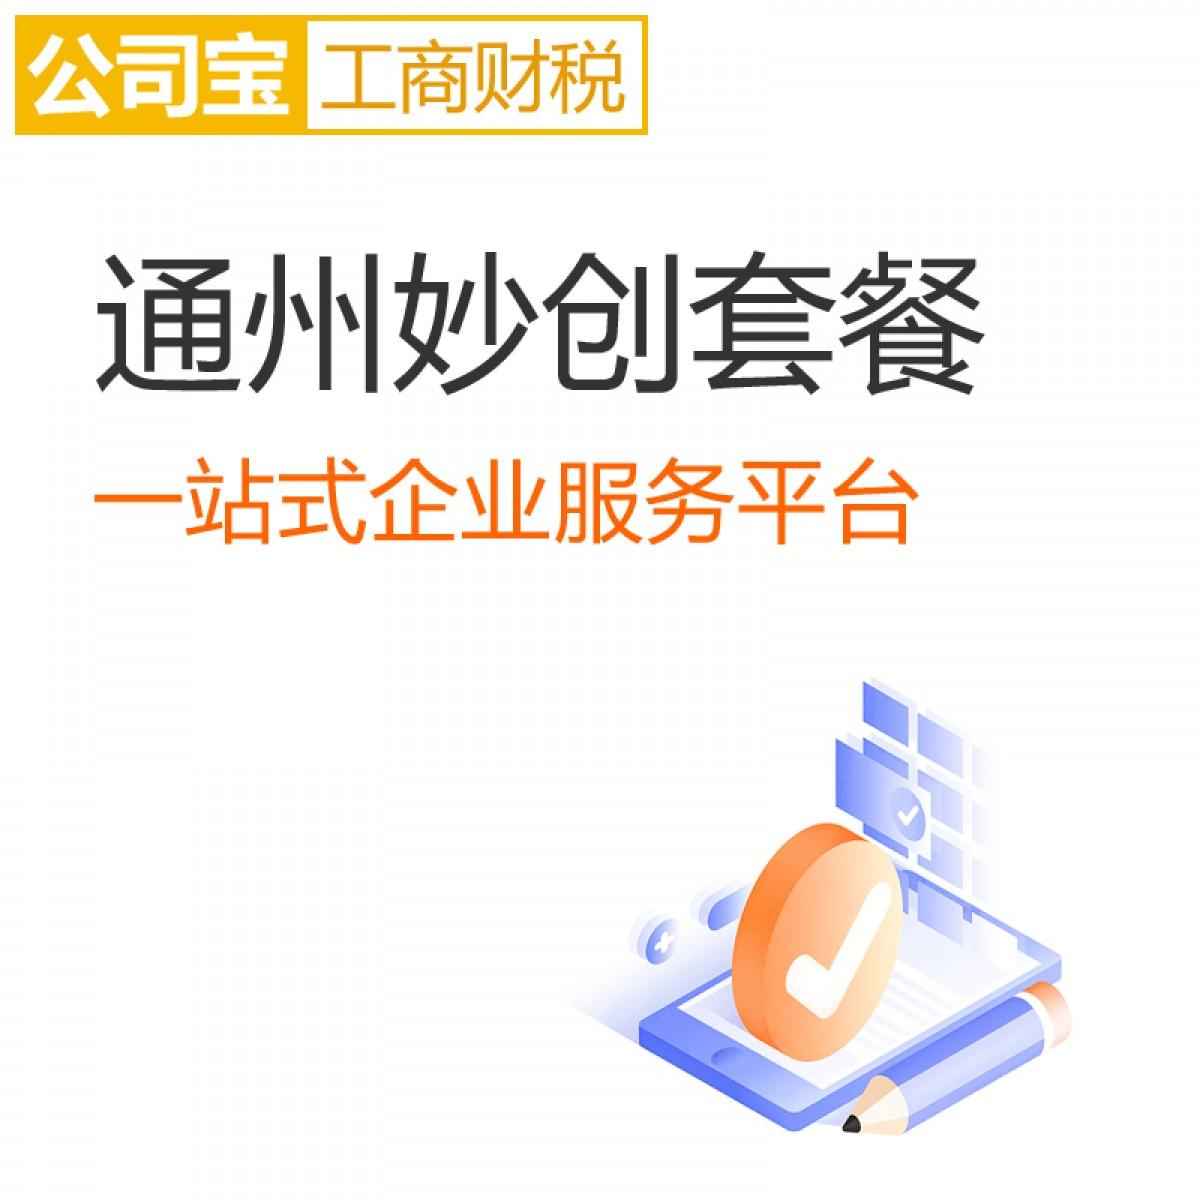 北京通州区妙创宝公司注册套餐 公司注册、银行开户、社保开户、公积金开户、国地税报到、税控申请、代理记账、薪酬规划、薪资代发